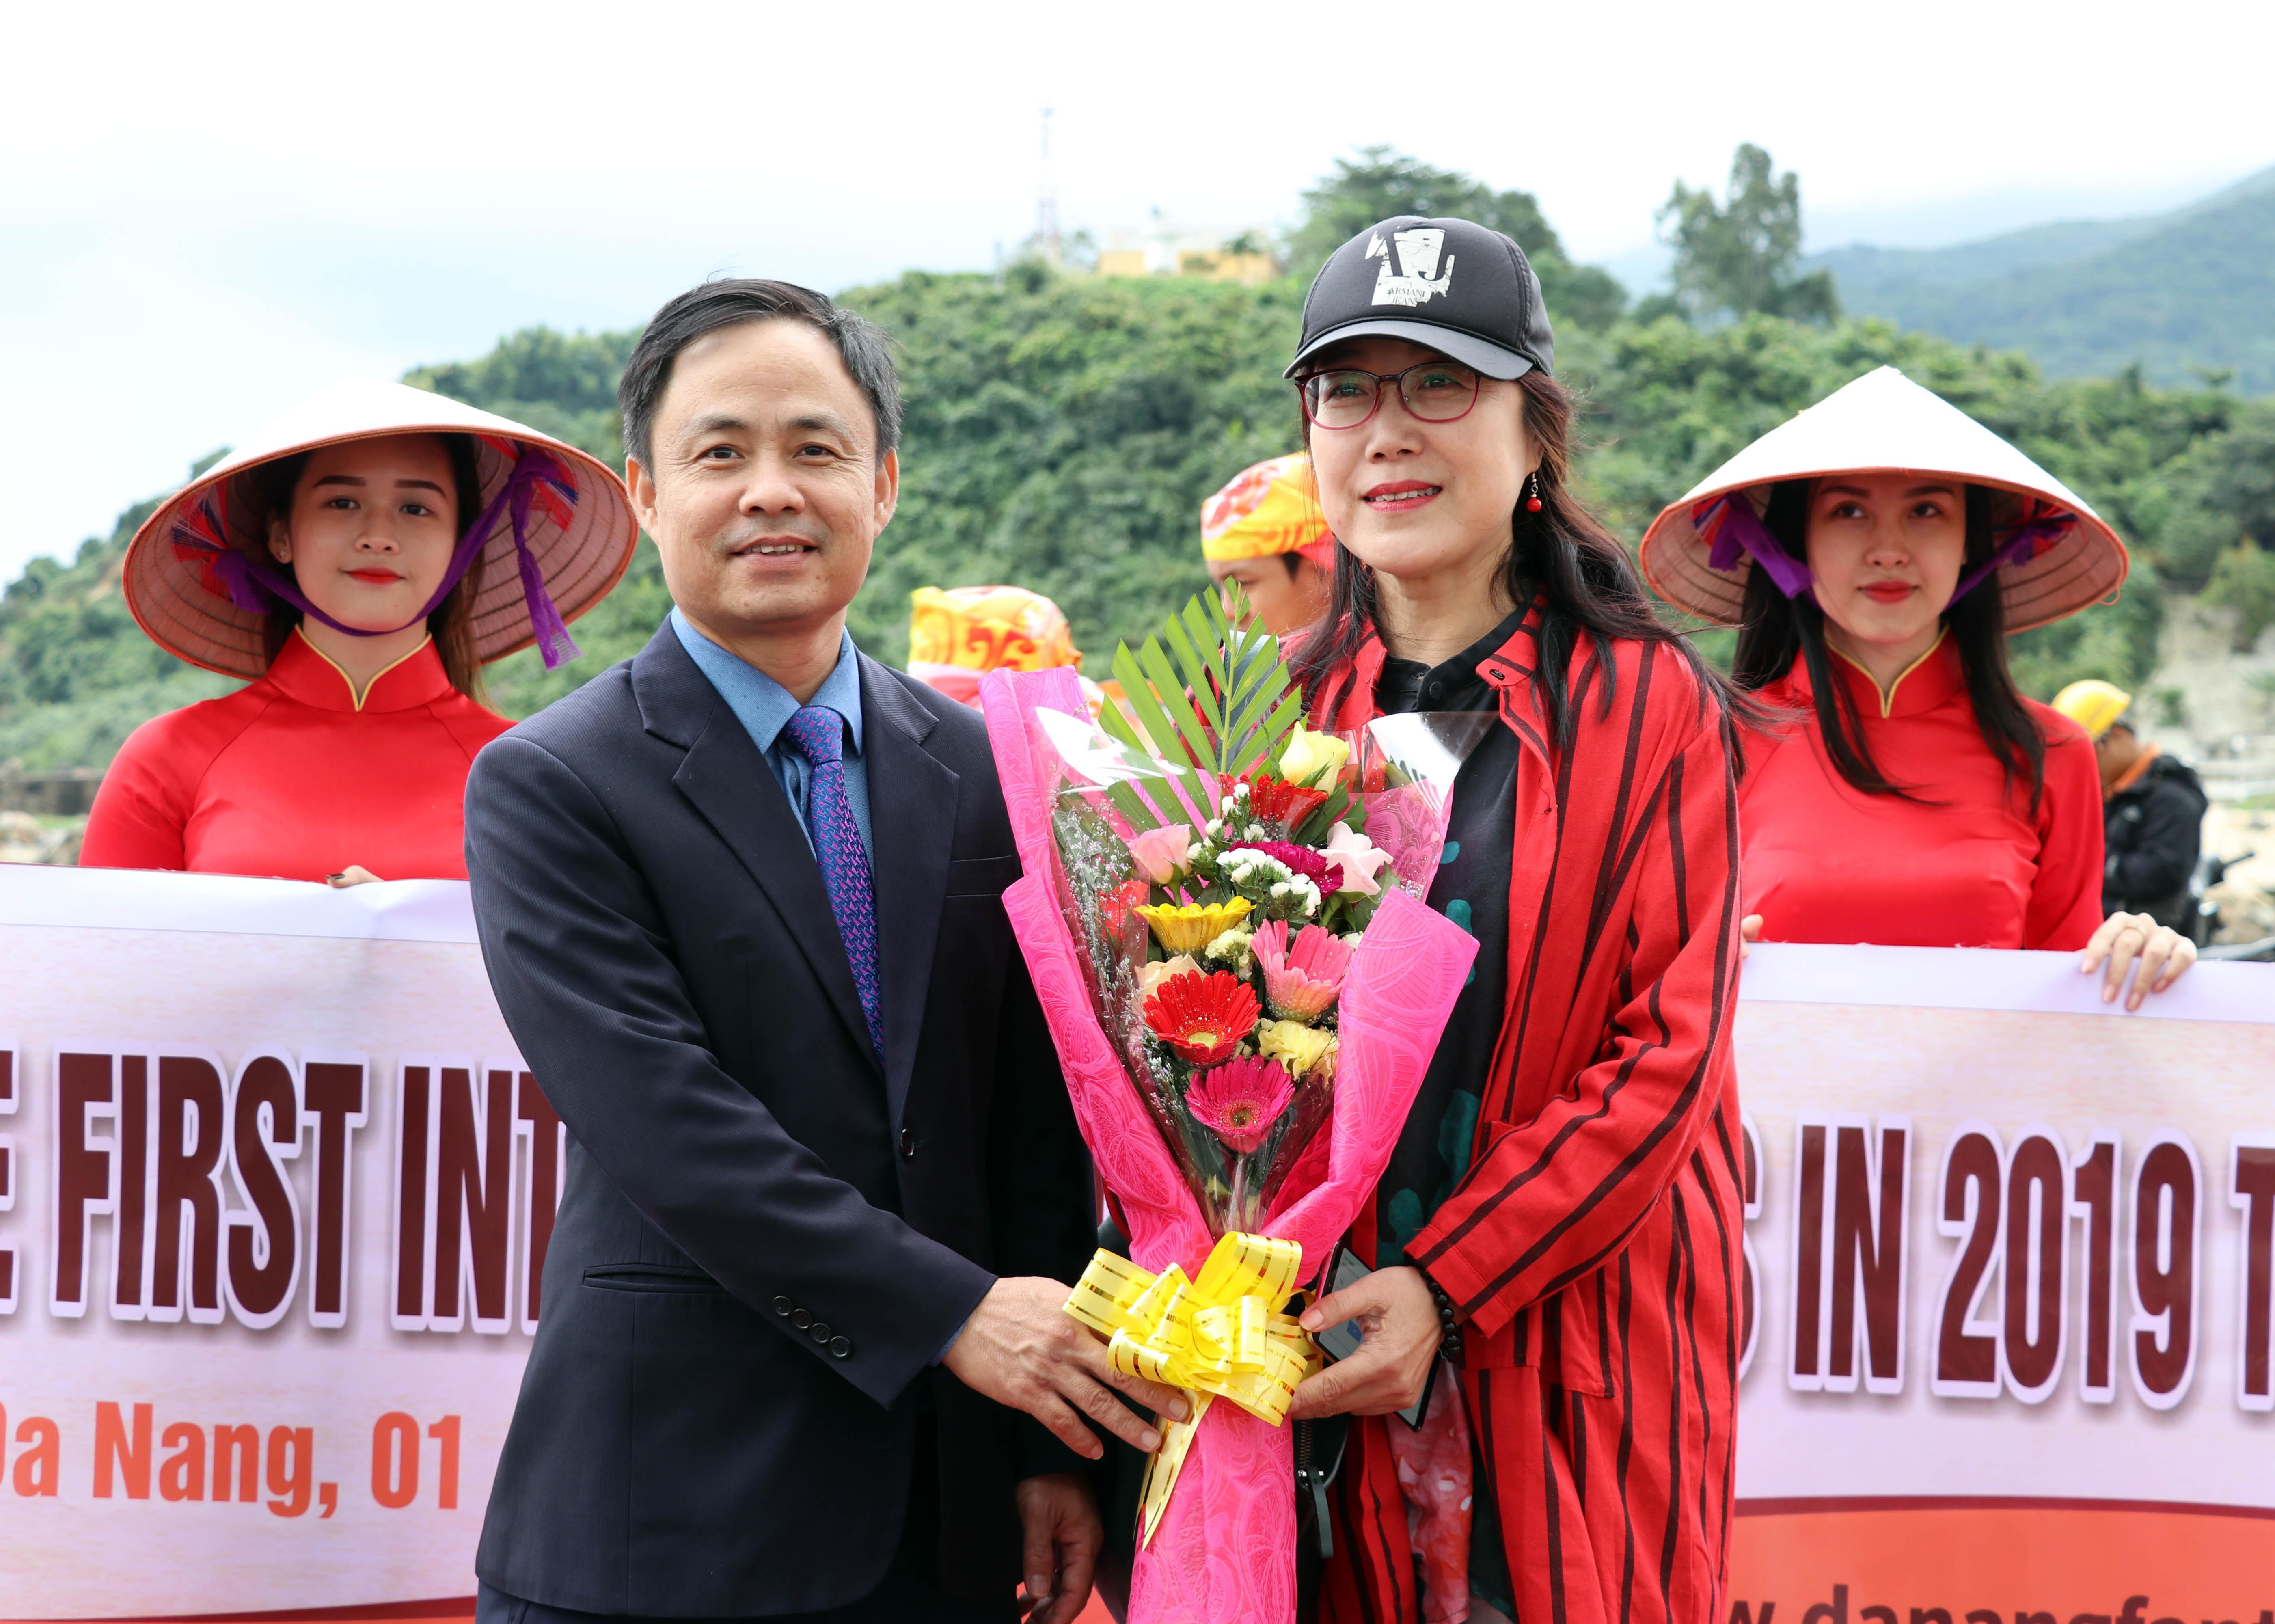 Tặng hoa cho một trong những du khách đầu tiên đặt chân đến Đà Nẵng. X.L